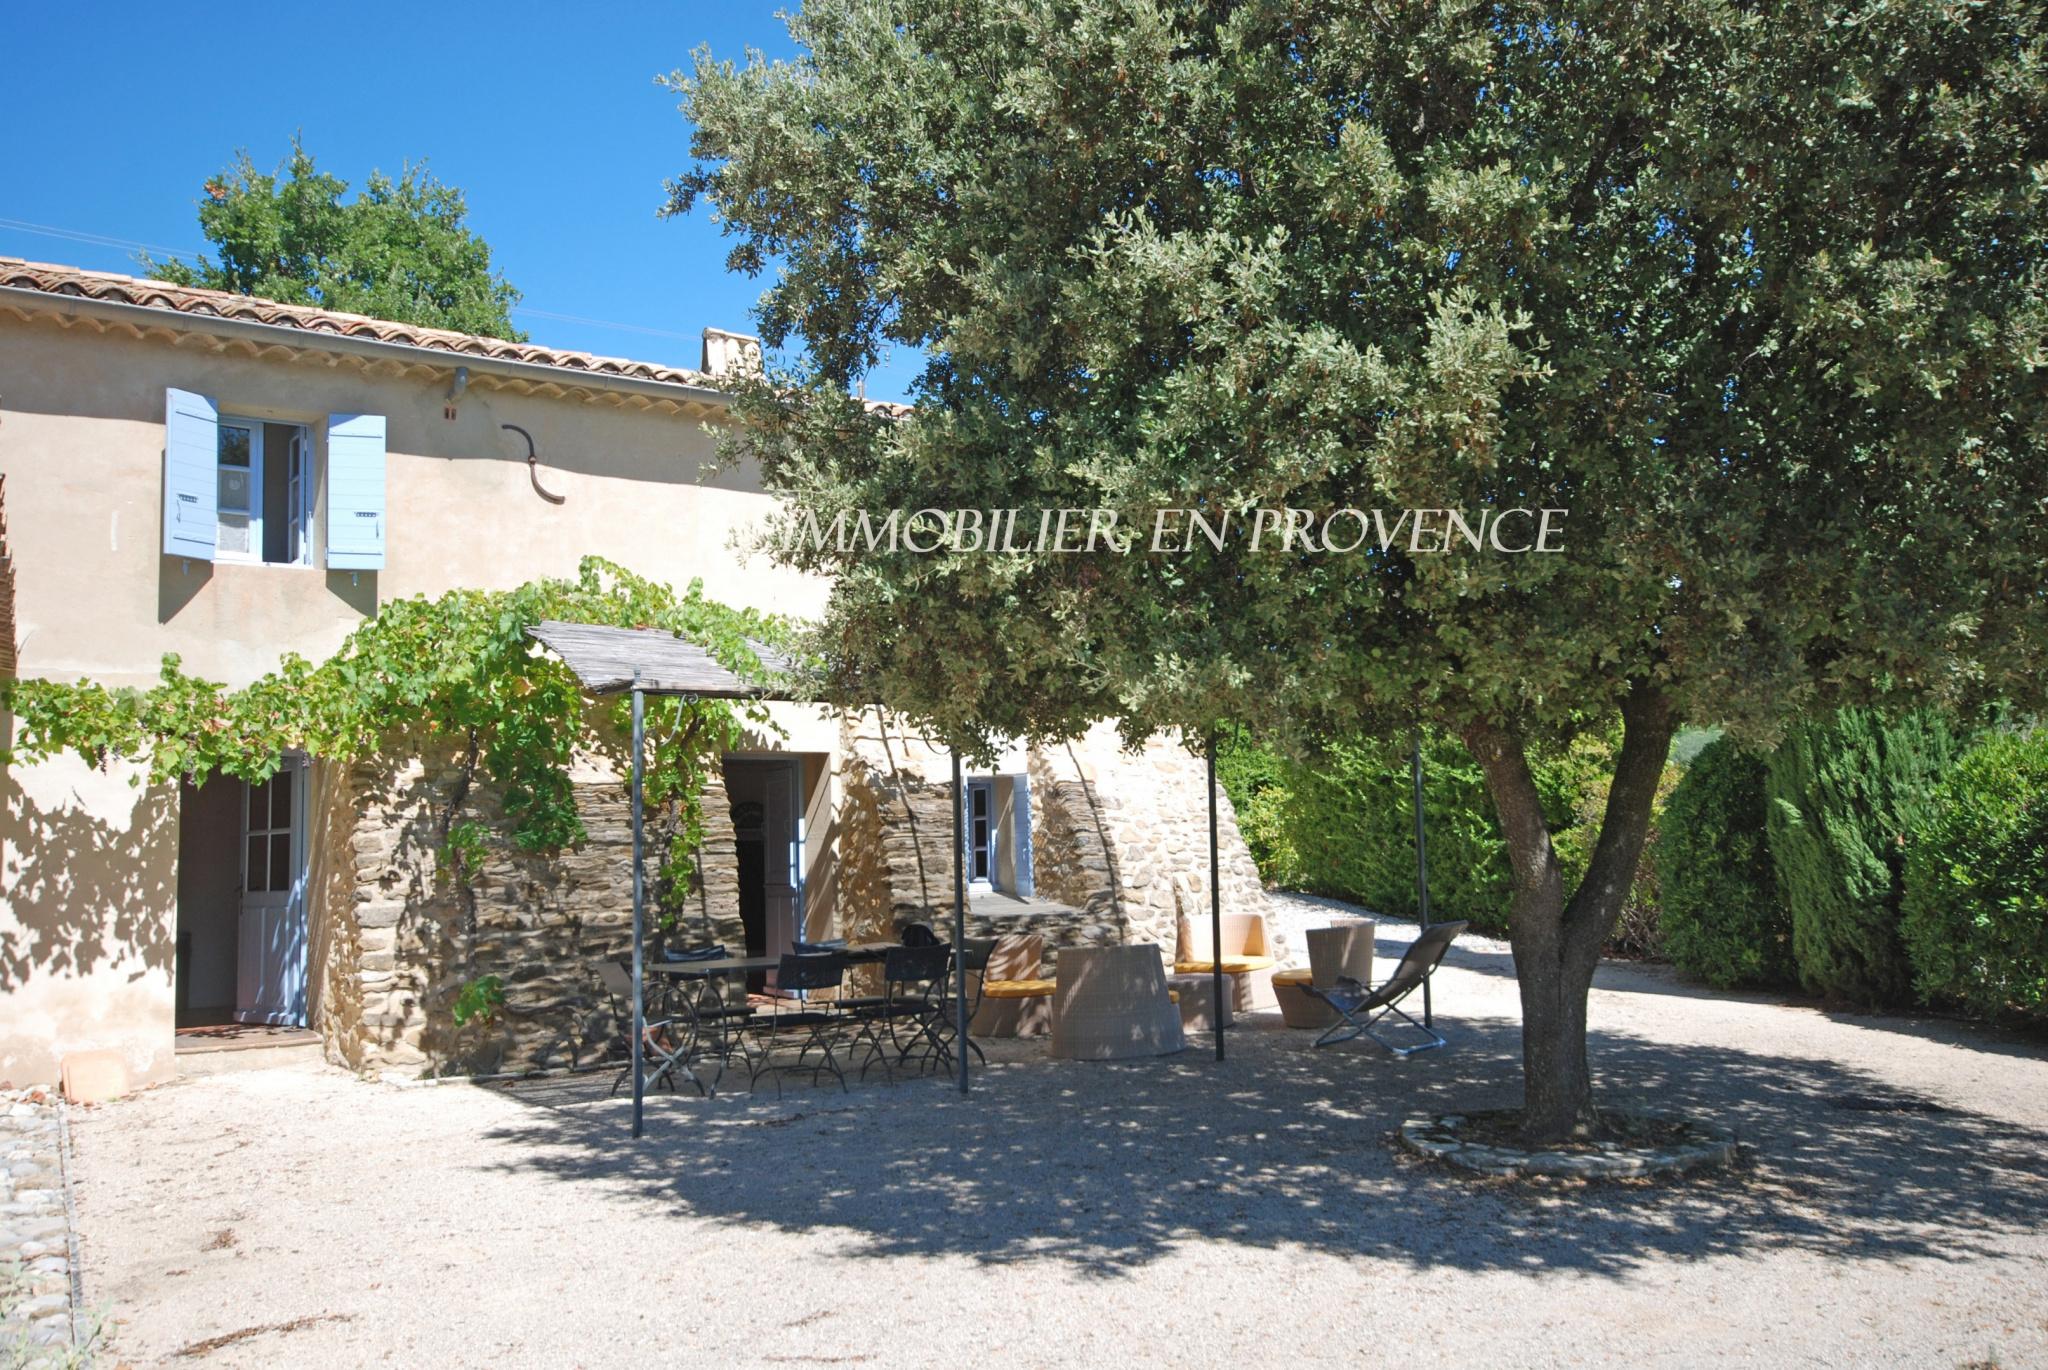 0 www.cti-provence.net, vente mas provençal en position dominante sur Vaison la romaine, pisc